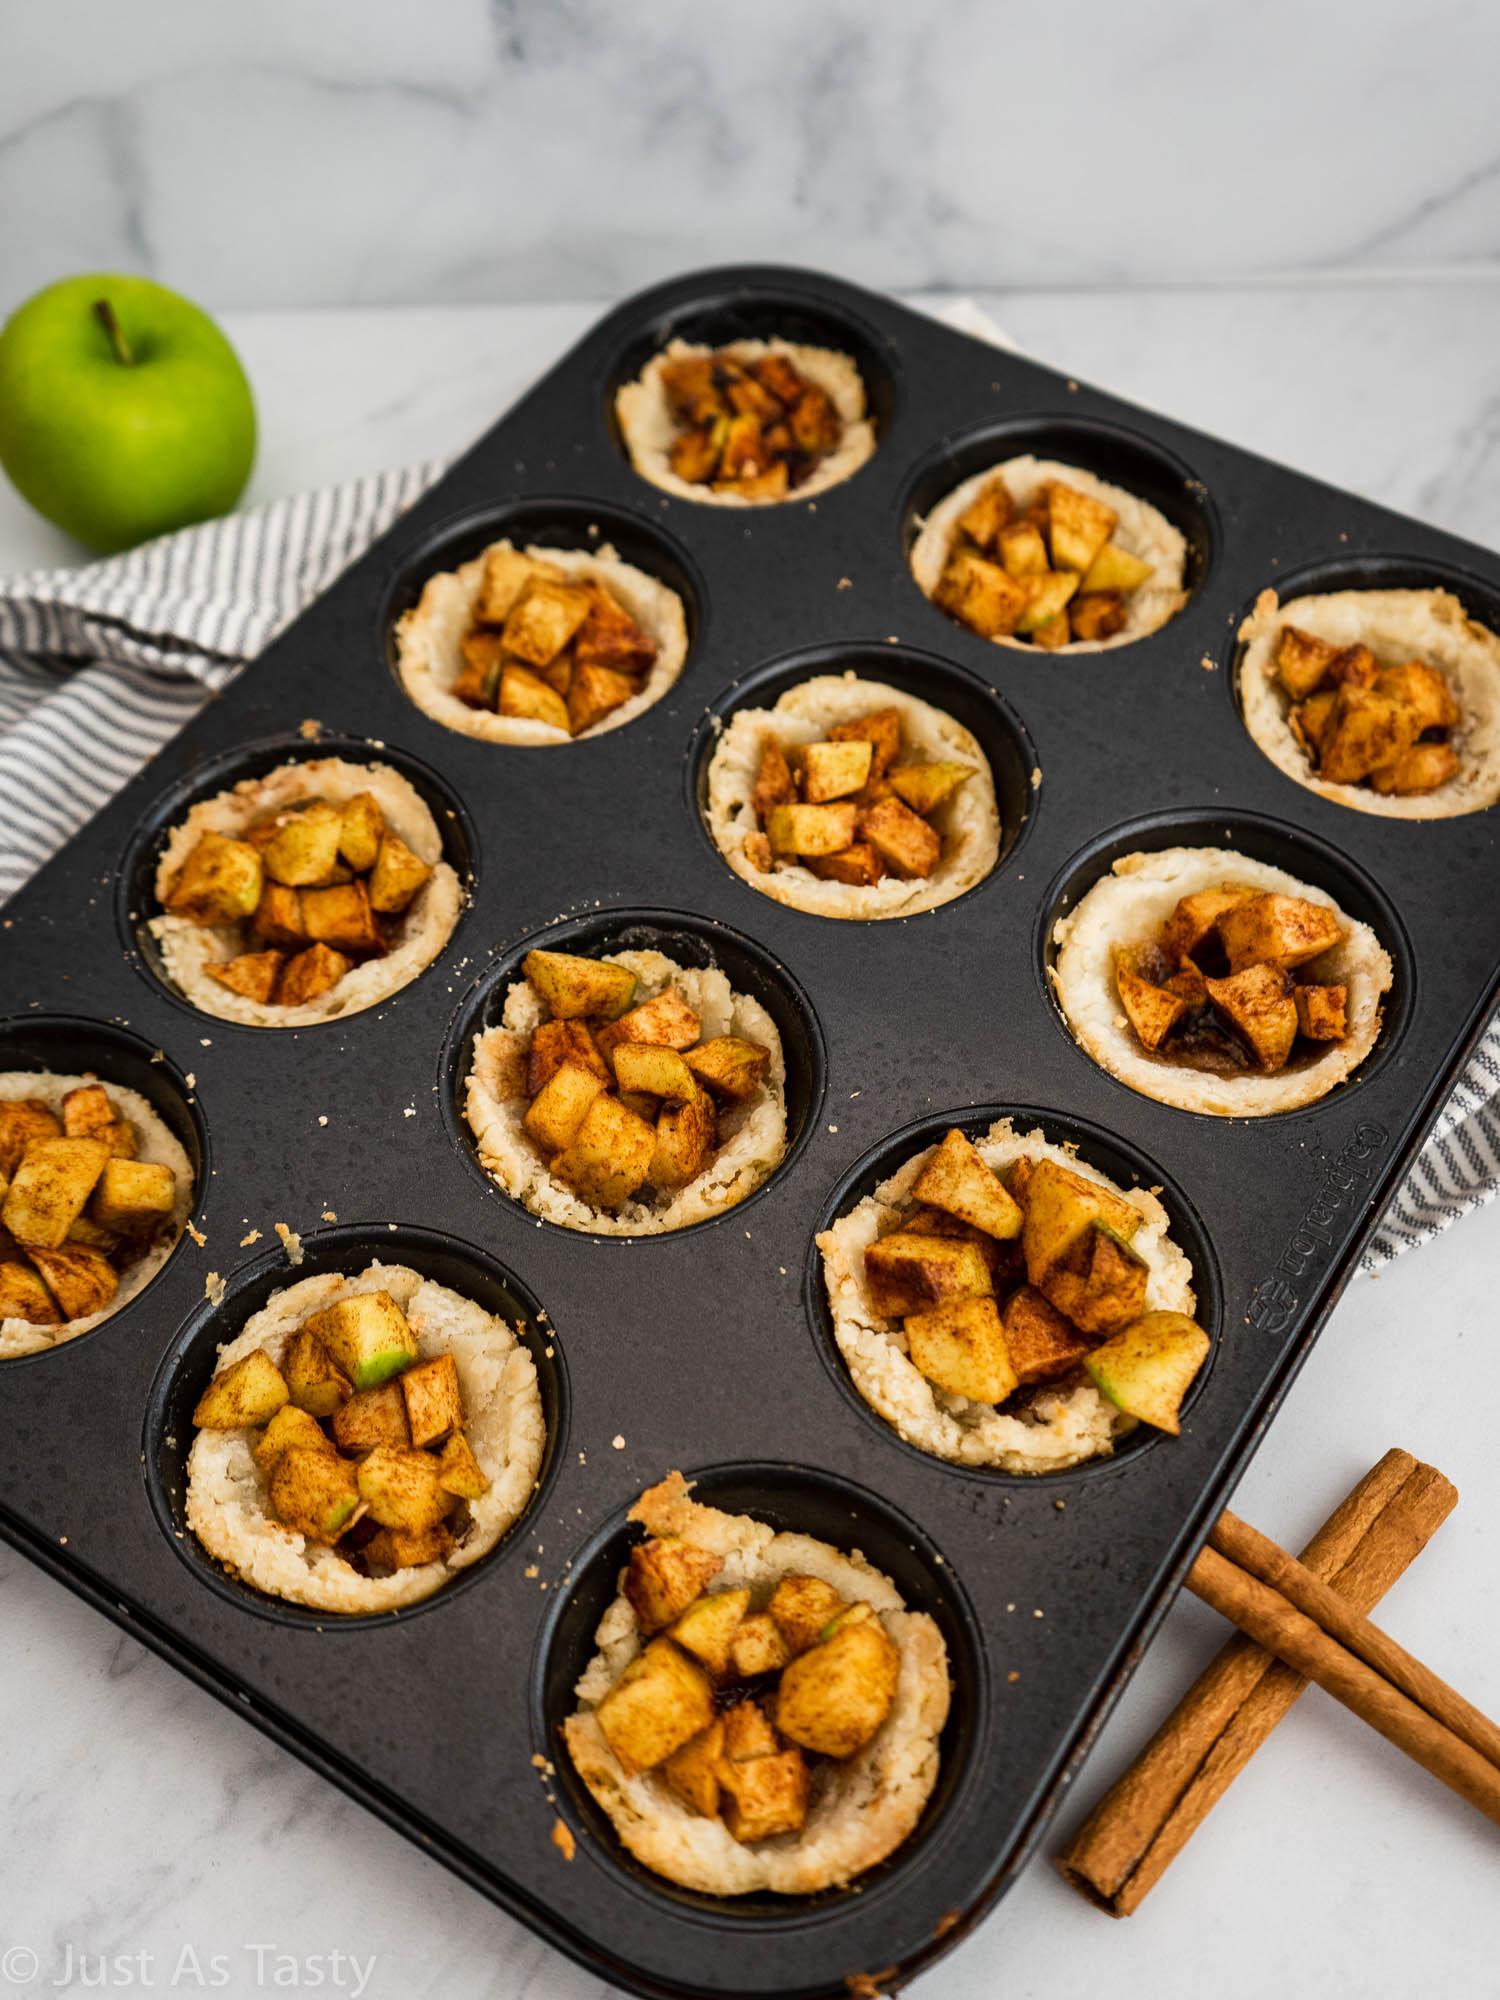 Mini apple pies in a muffin tin.